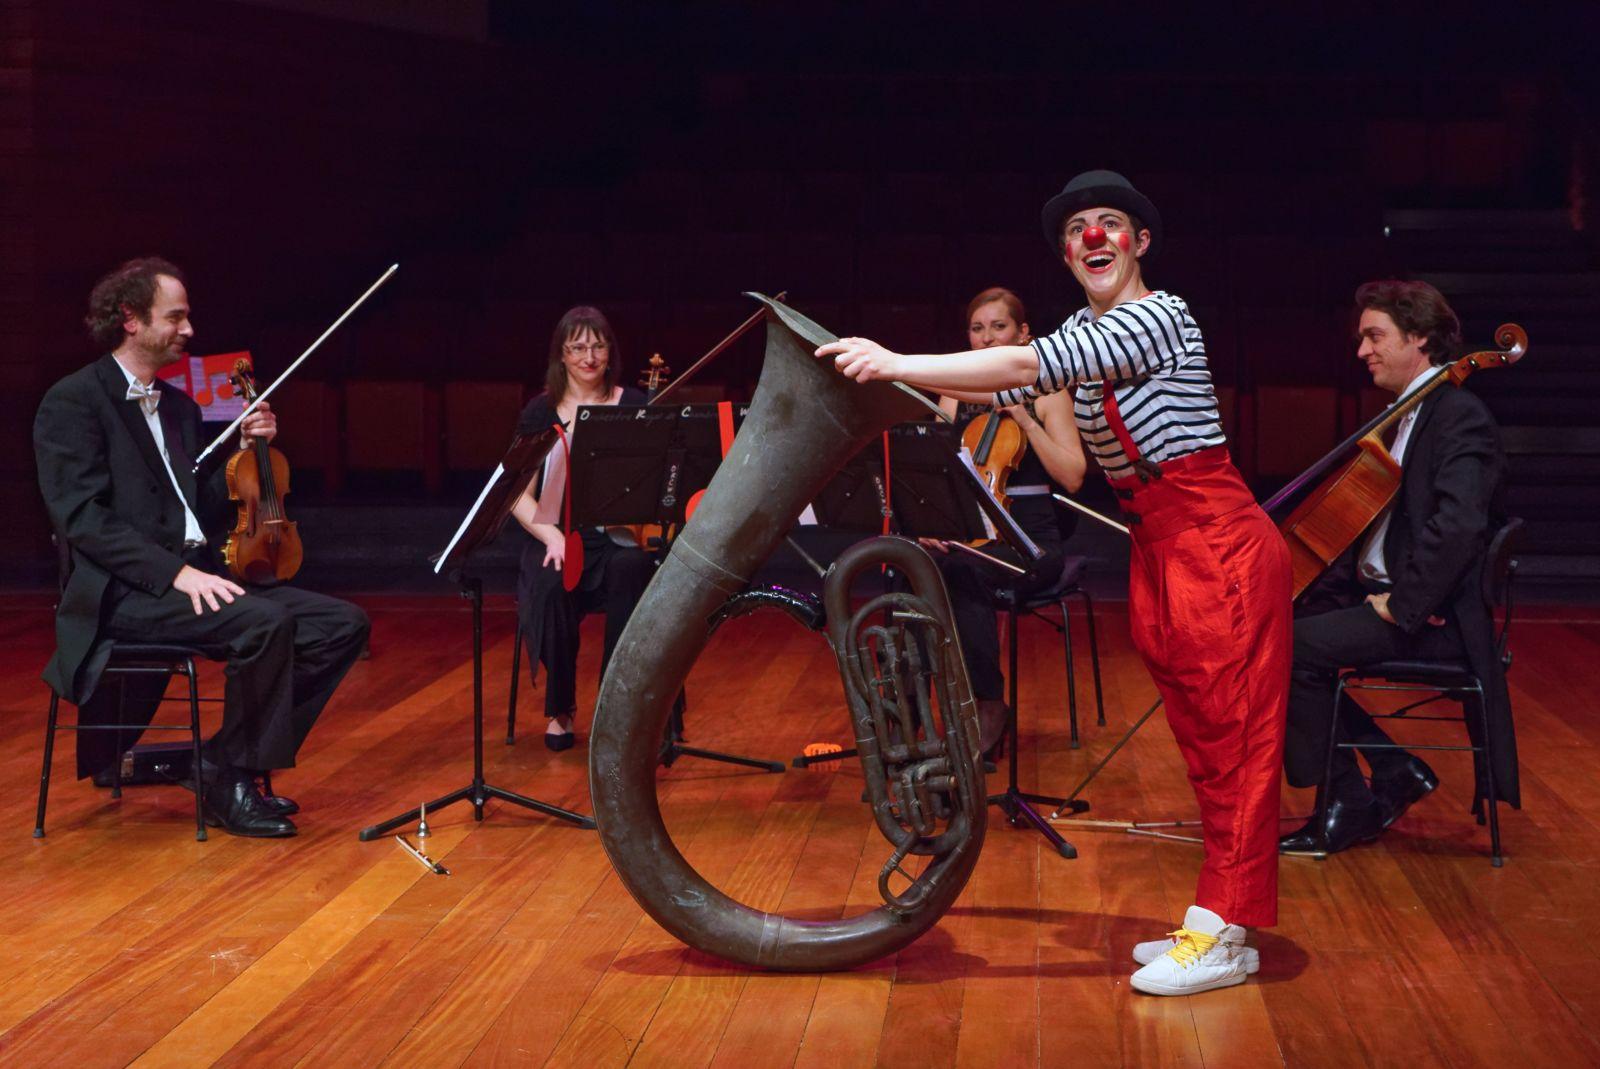 Concert : un clown au pays de la musique classique